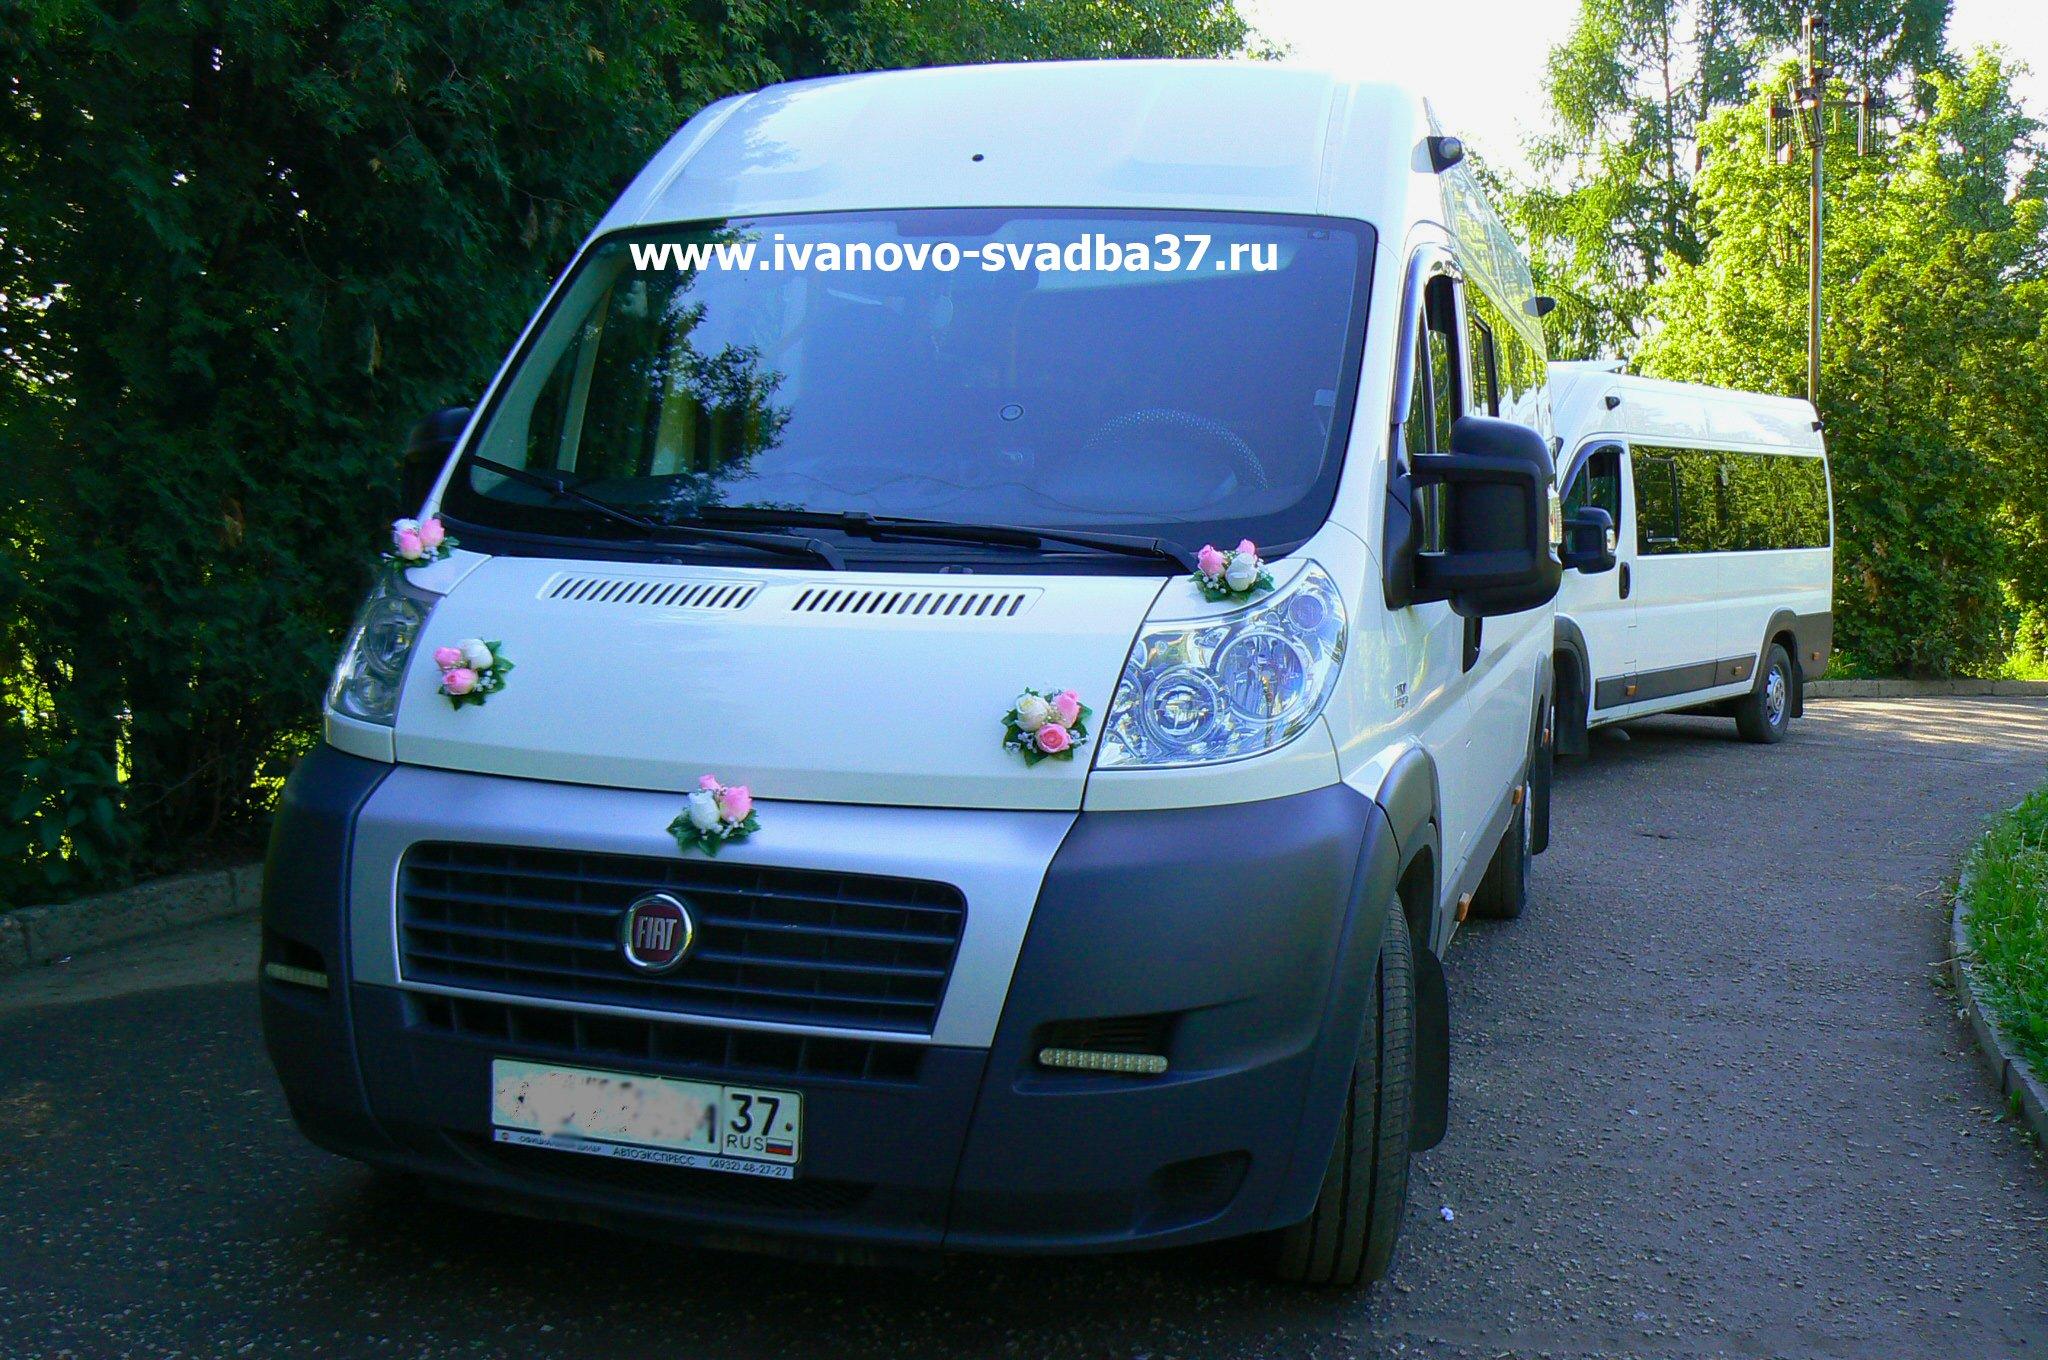 Украшения на микроавтобус фото